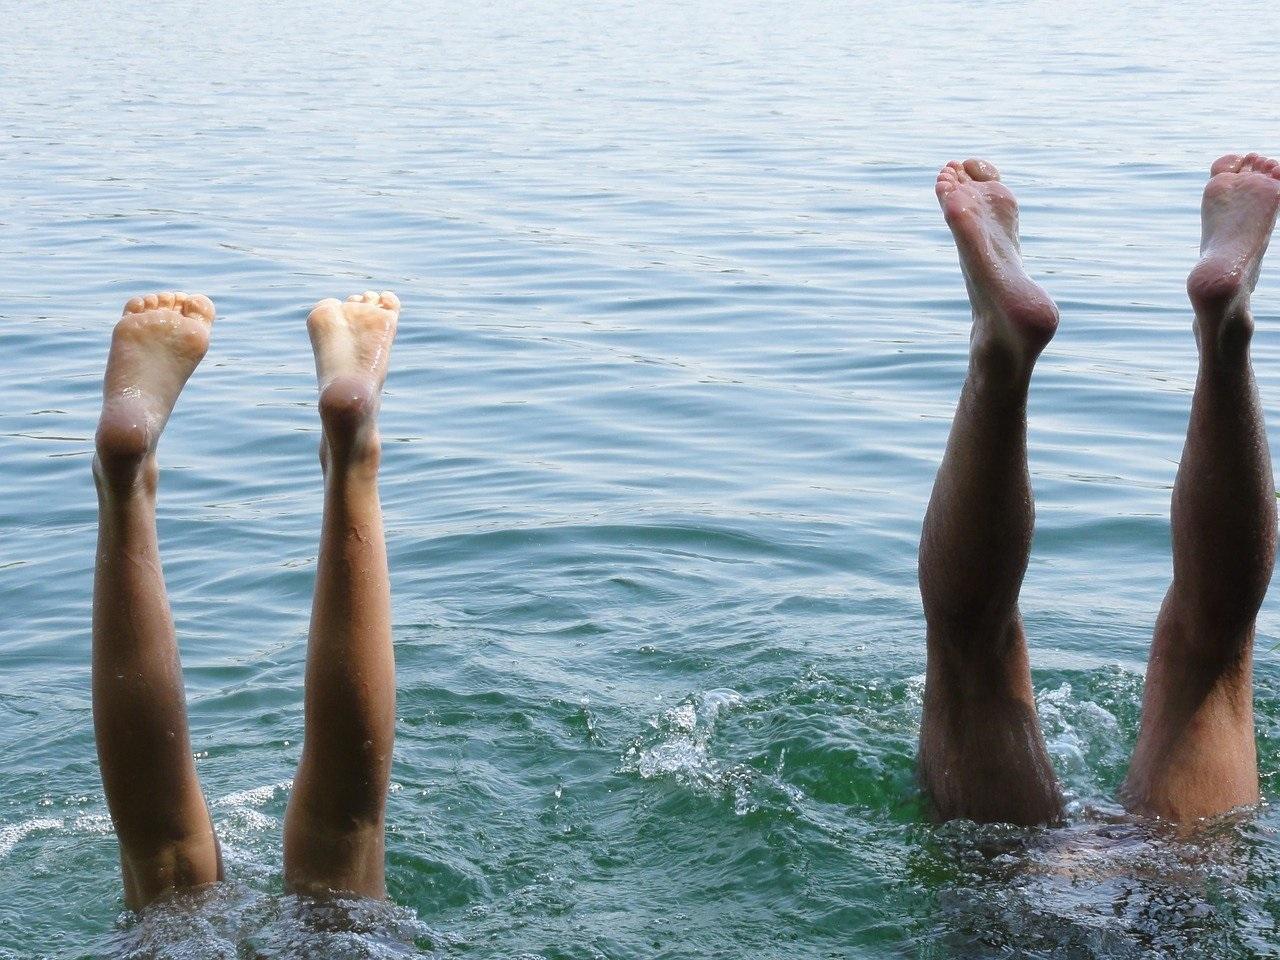 zwei paar Beine ragen aus dem Wasser. Kopfstand im Badesee